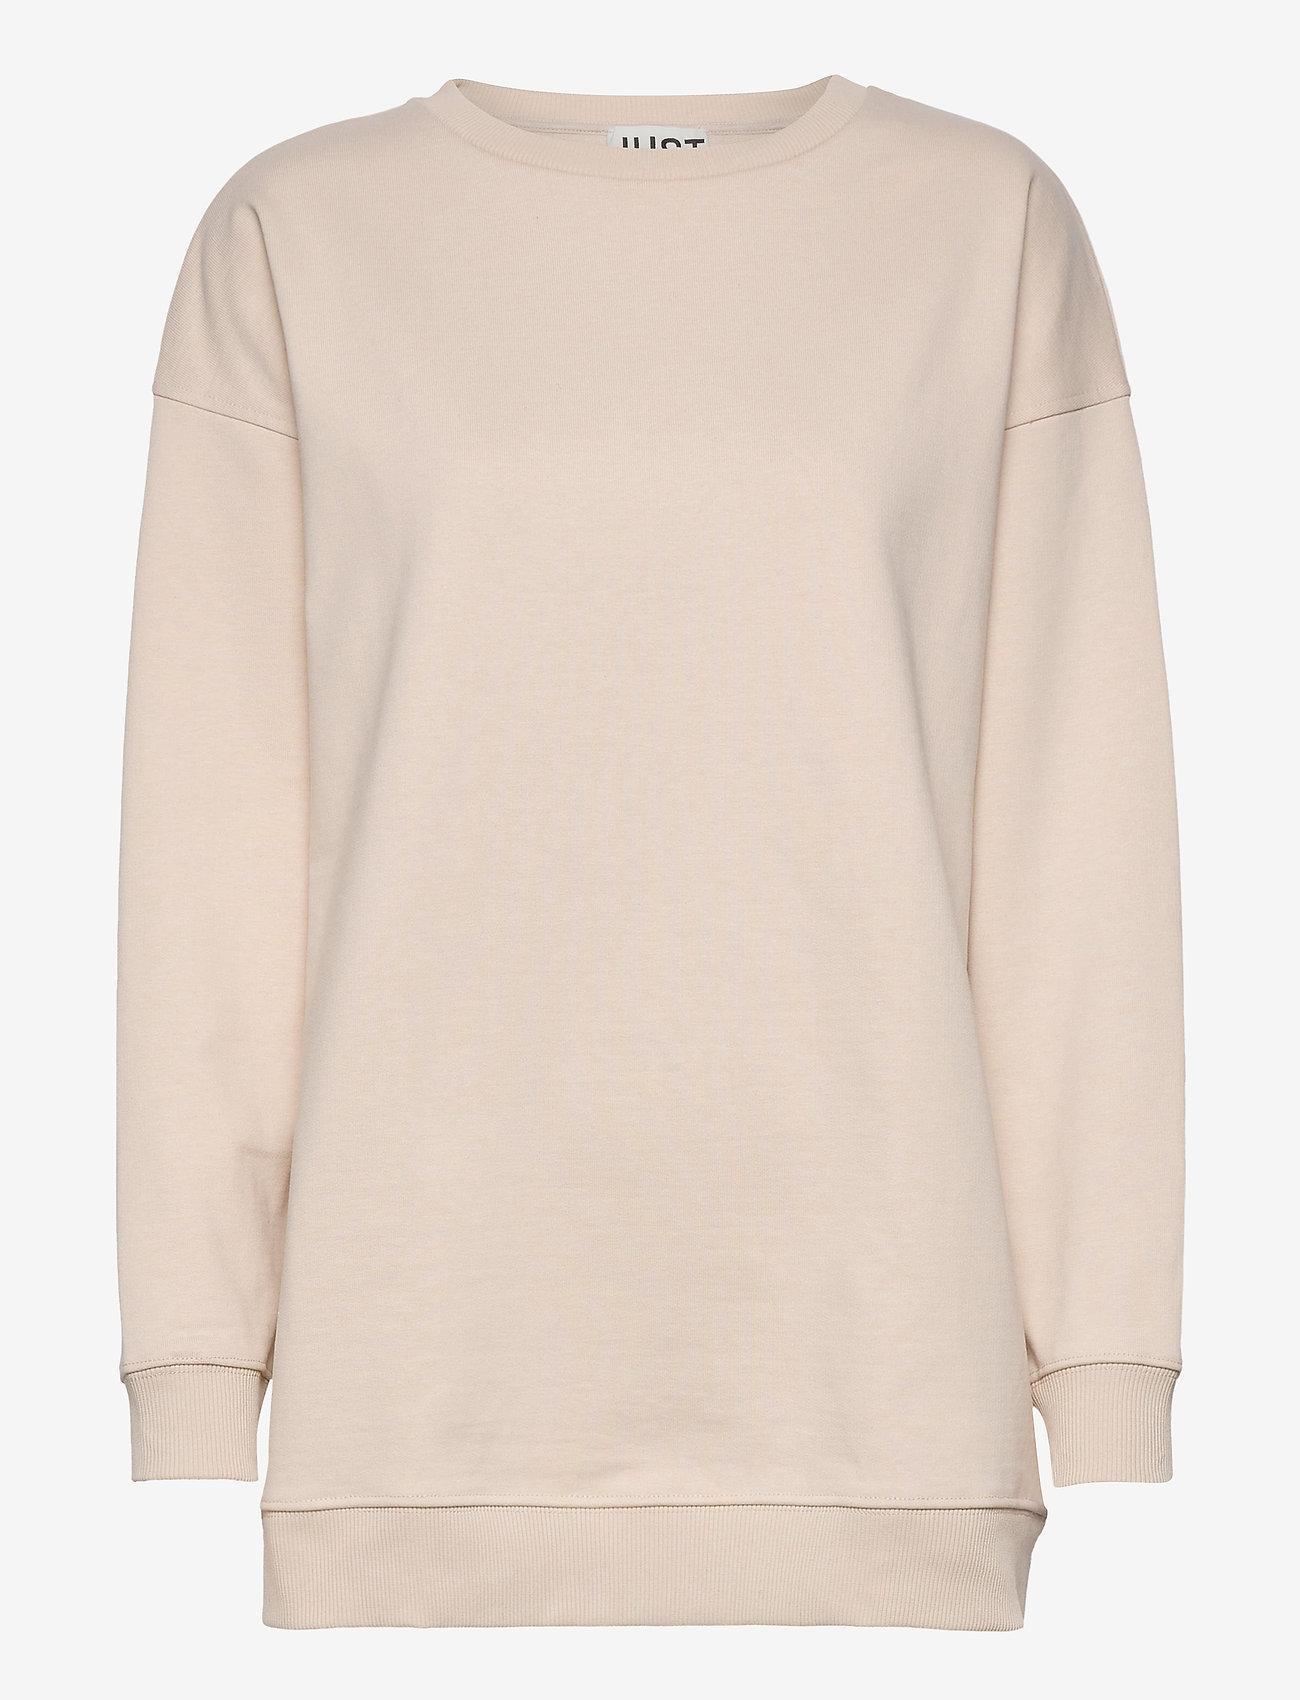 Just Female - Sjulle crewneck - sweatshirts & hoodies - pumice stone - 1